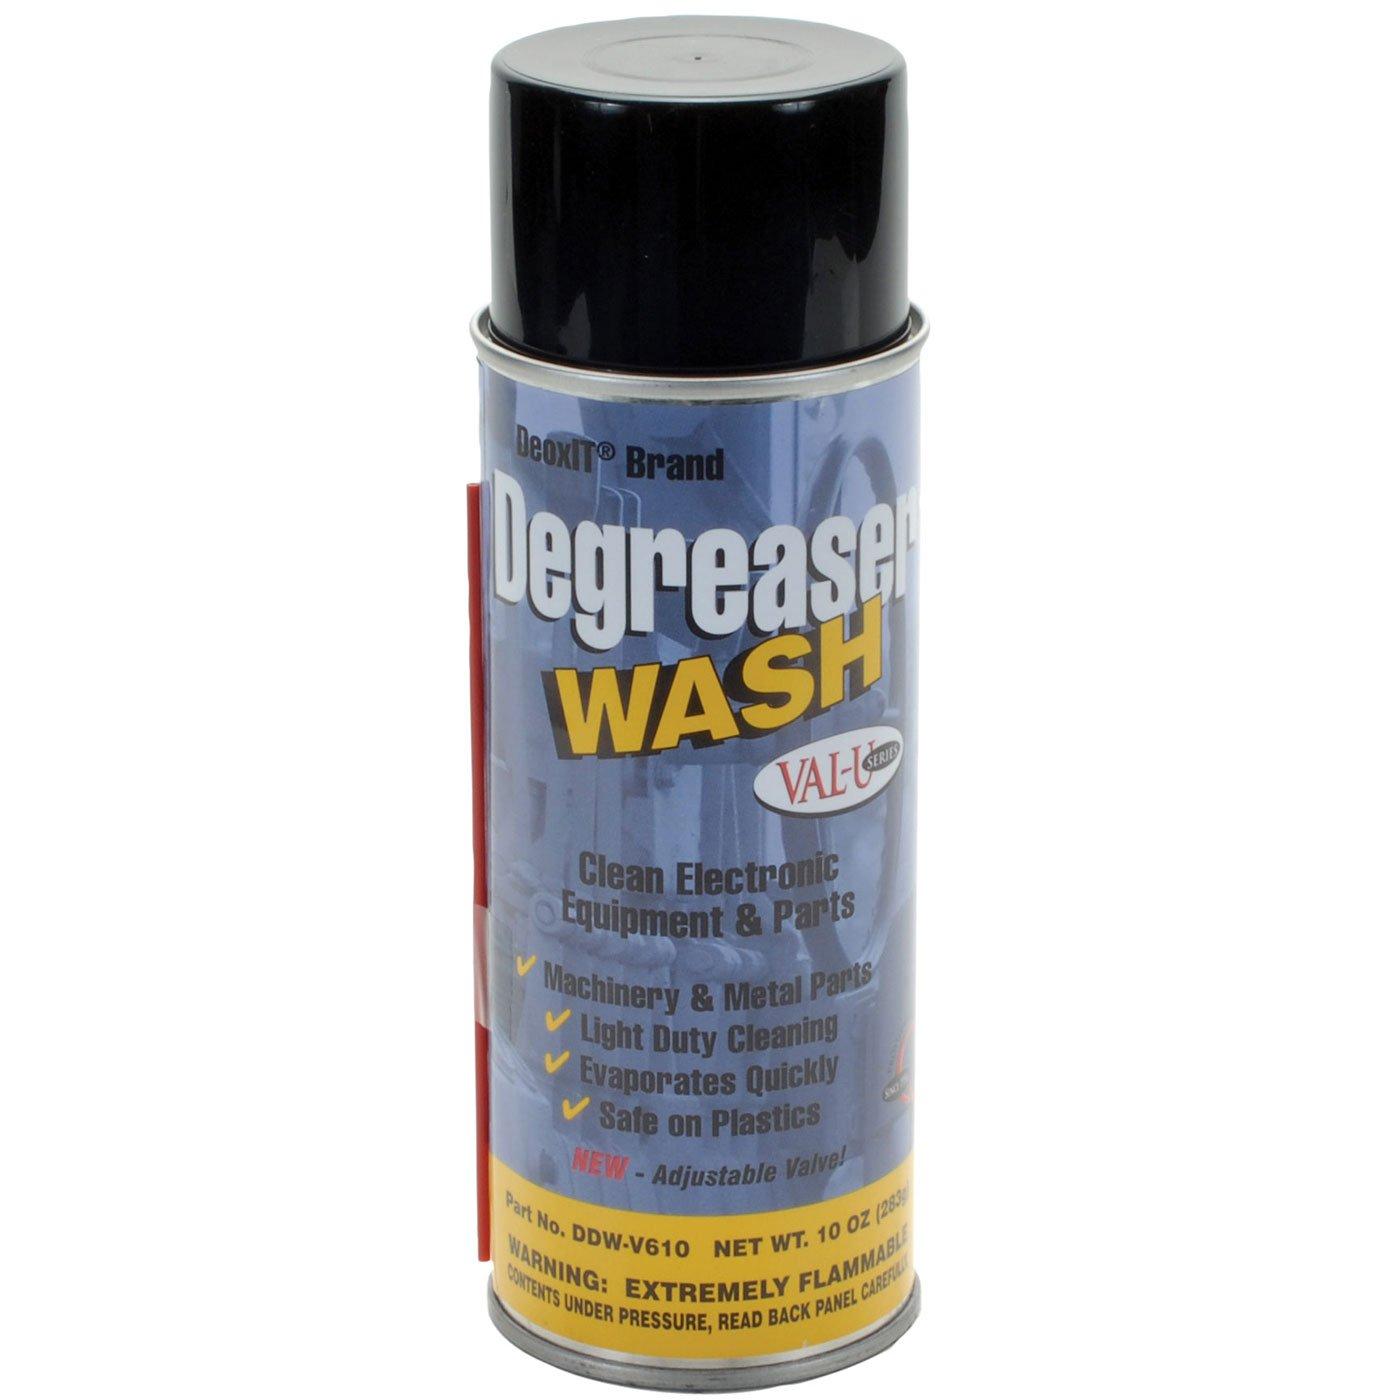 Degreaser, Val-U Degreaser WASH, Val-U Series Adjustable val - DDW-V610 CAIG Laboratories